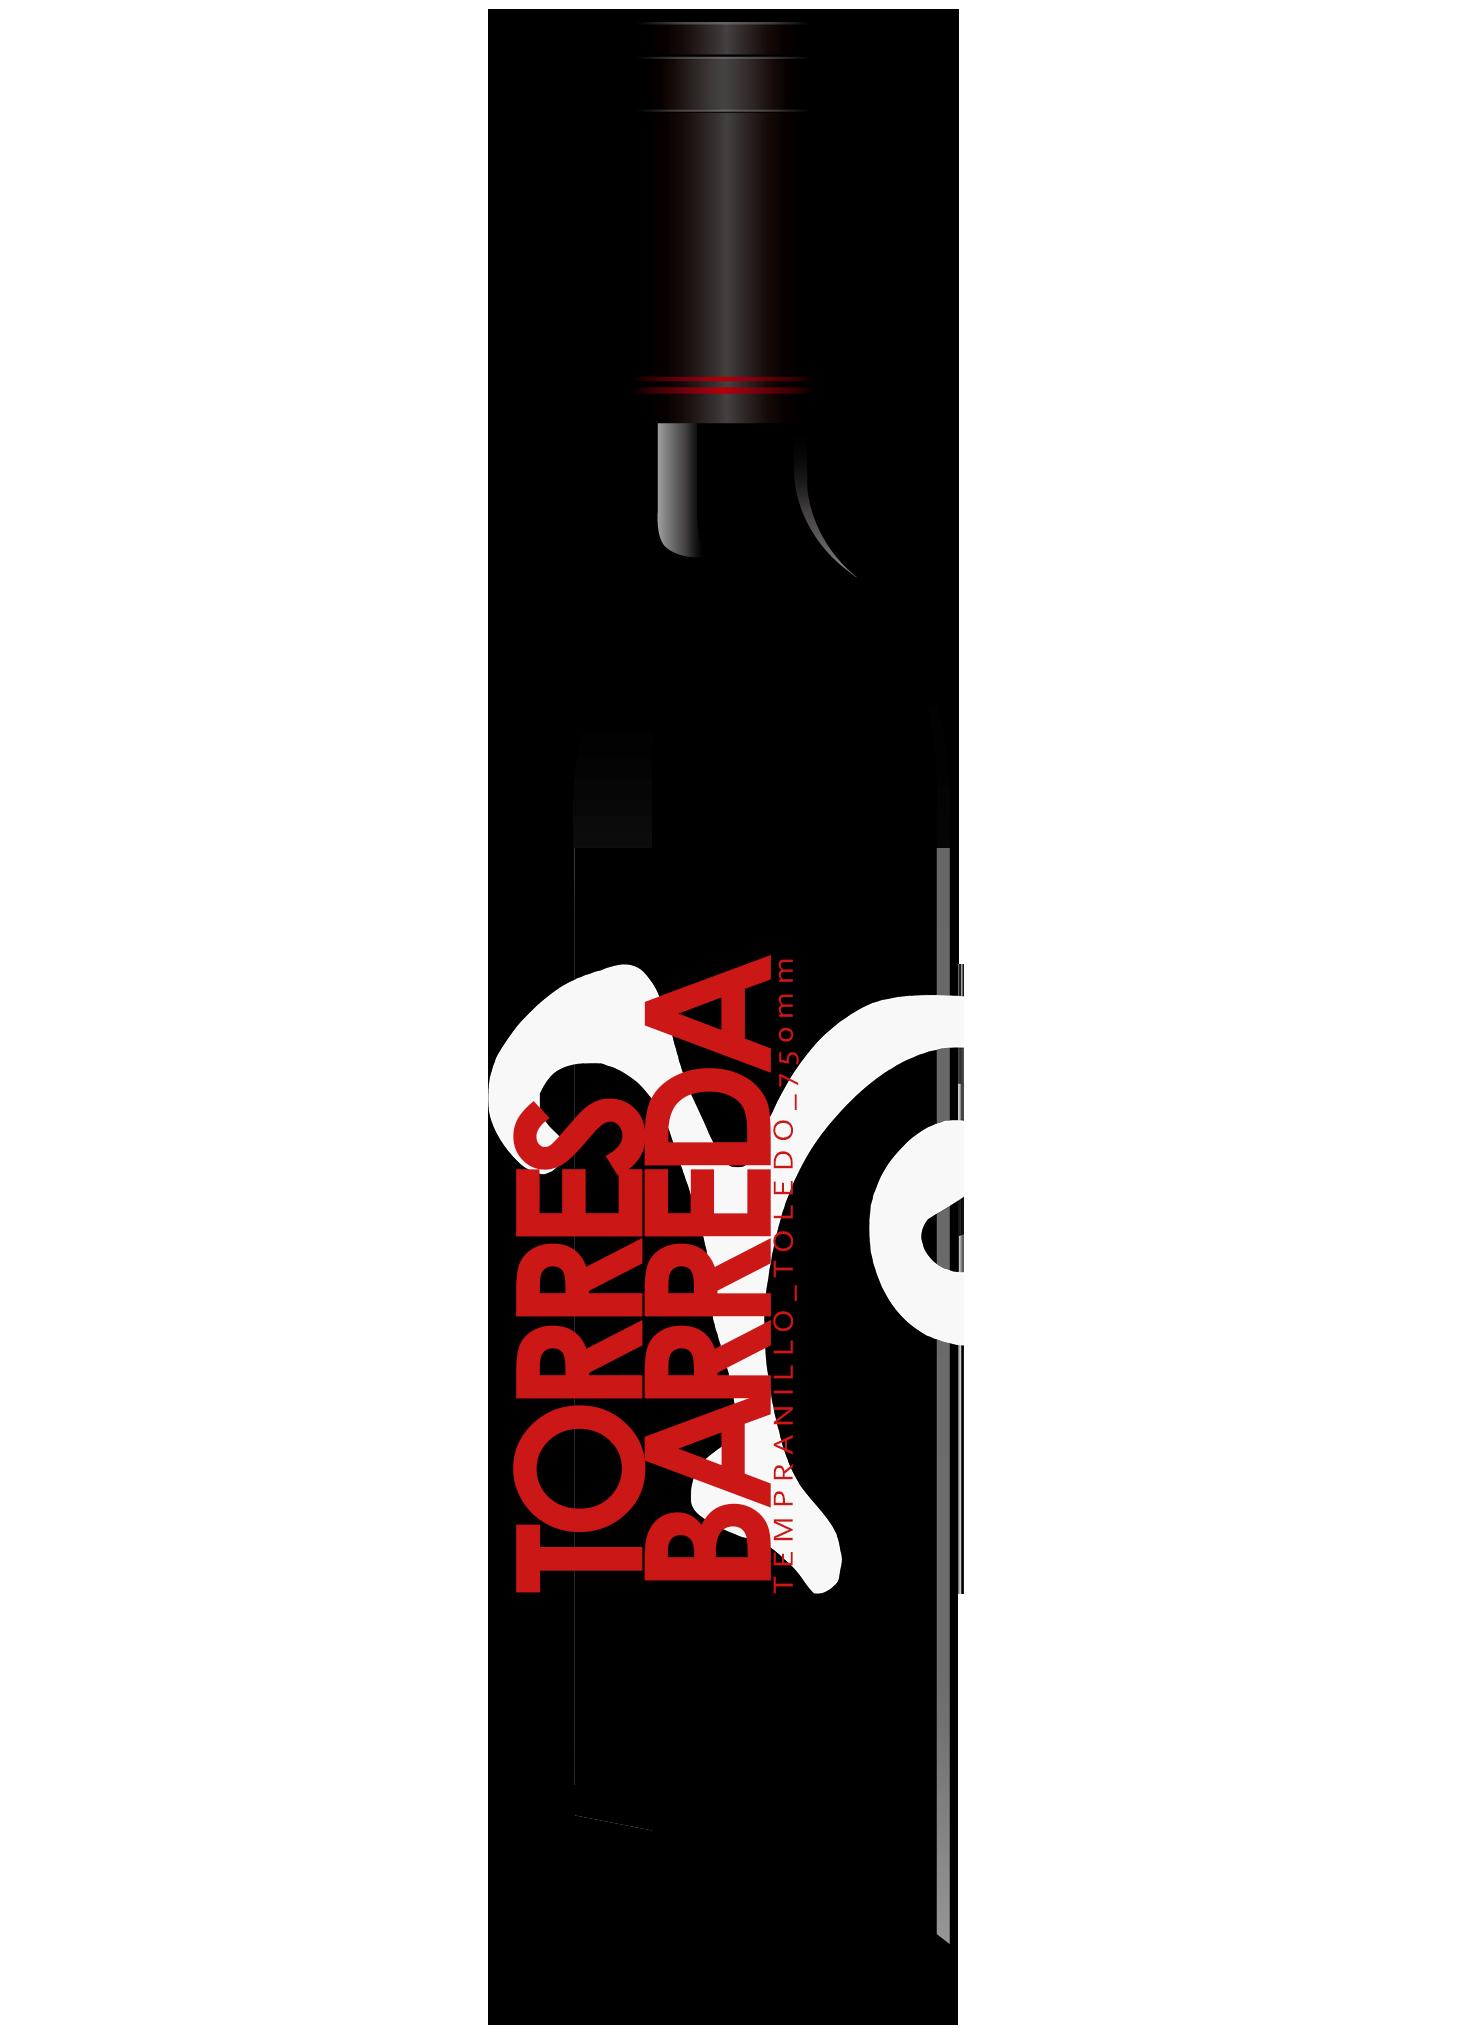 Botella_4_pablo_madrid_torres_de_barreda